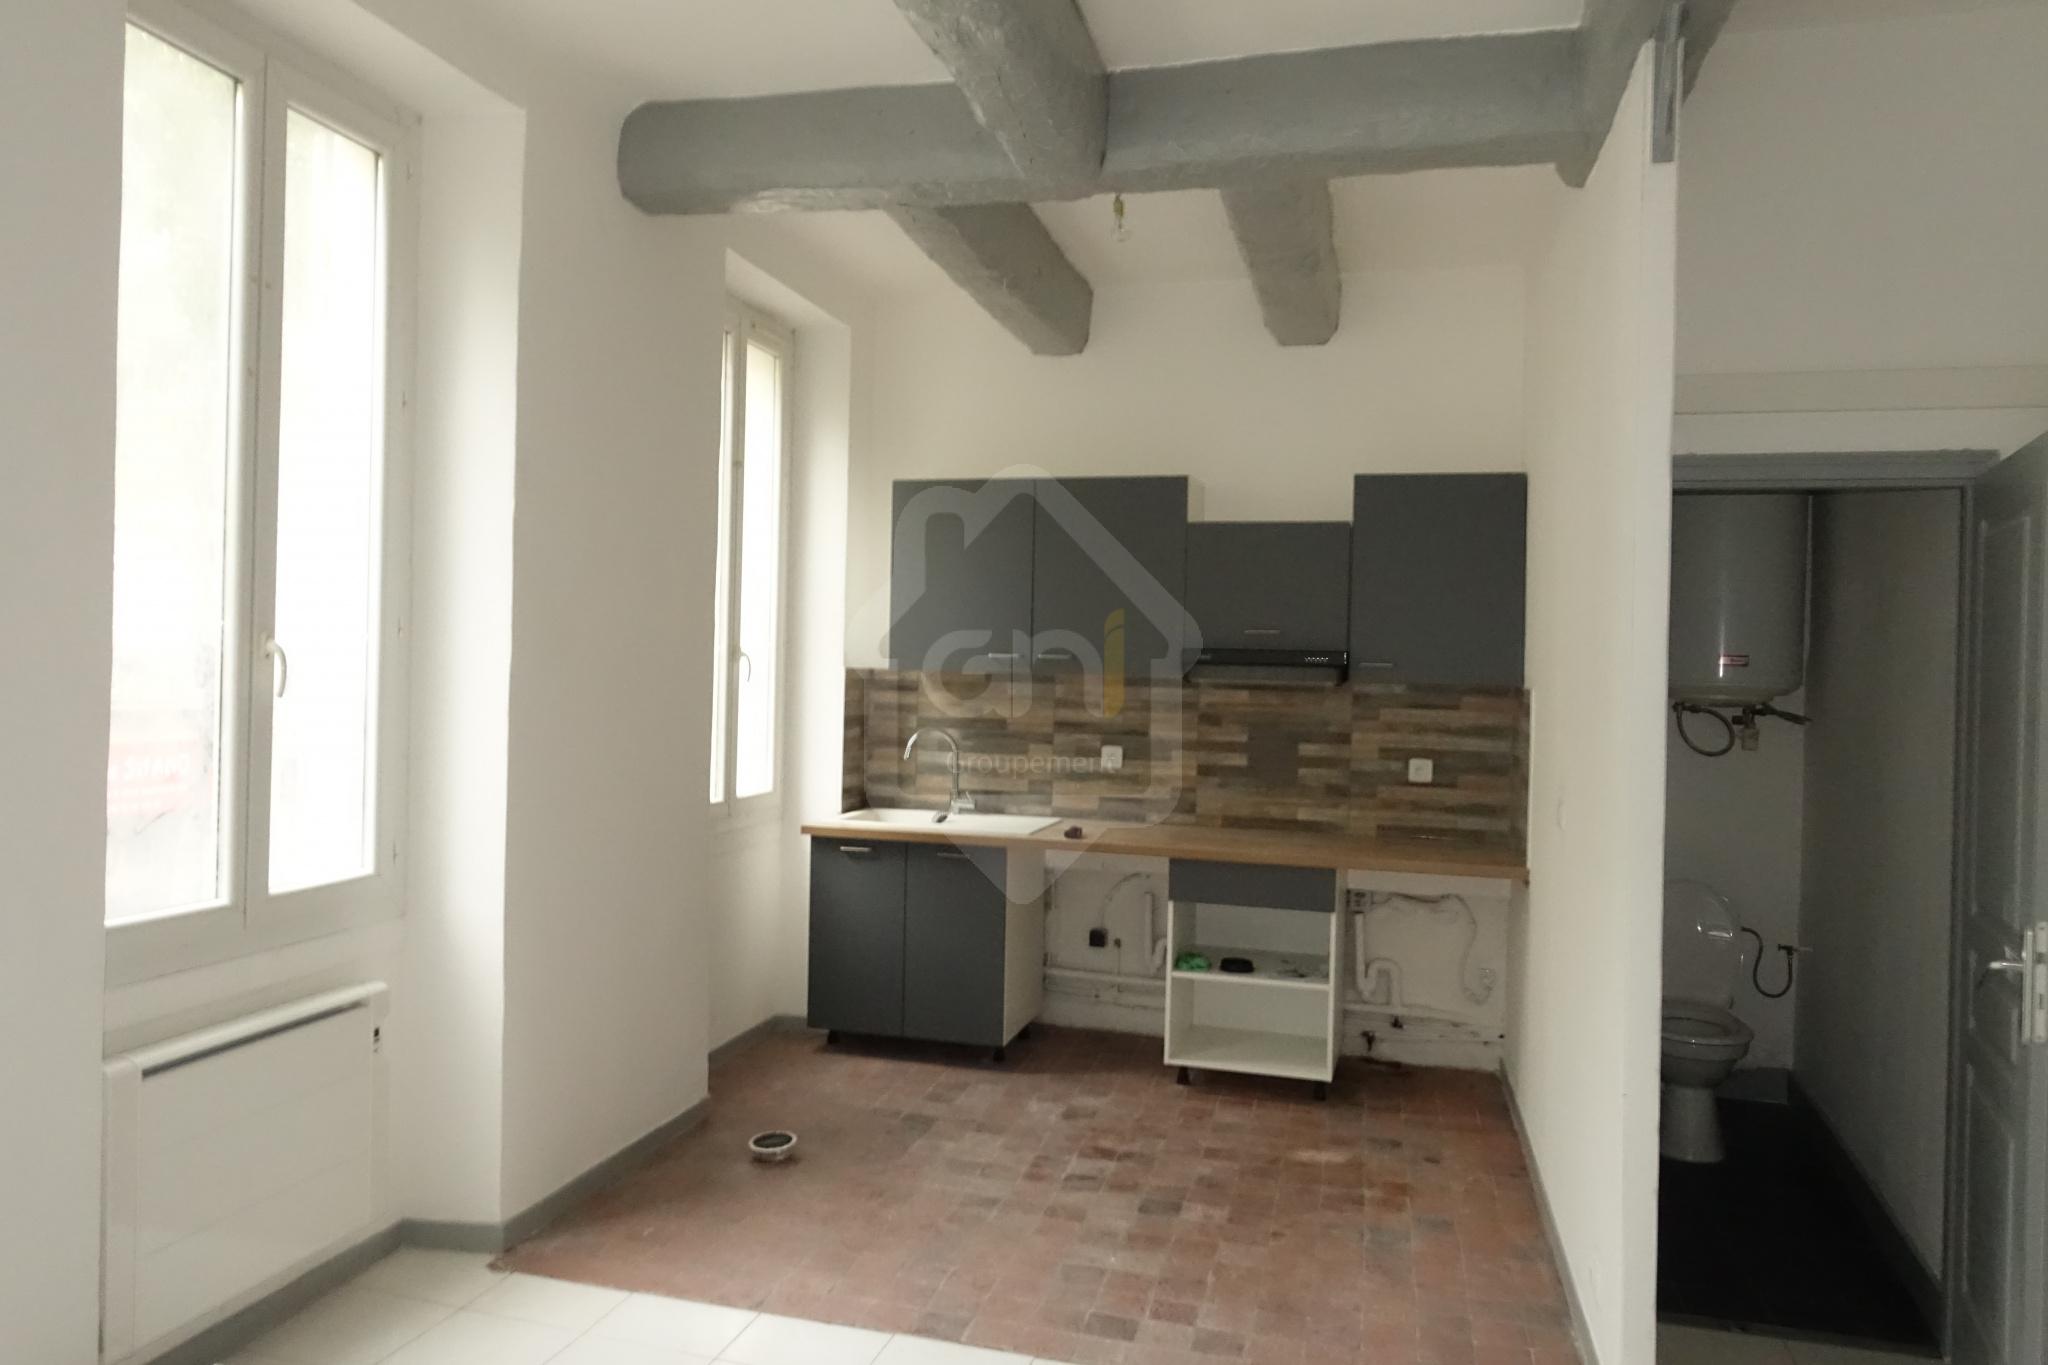 Appartements T2 T3 de 58m2 rénové avec terrasse de 12m2 Mars